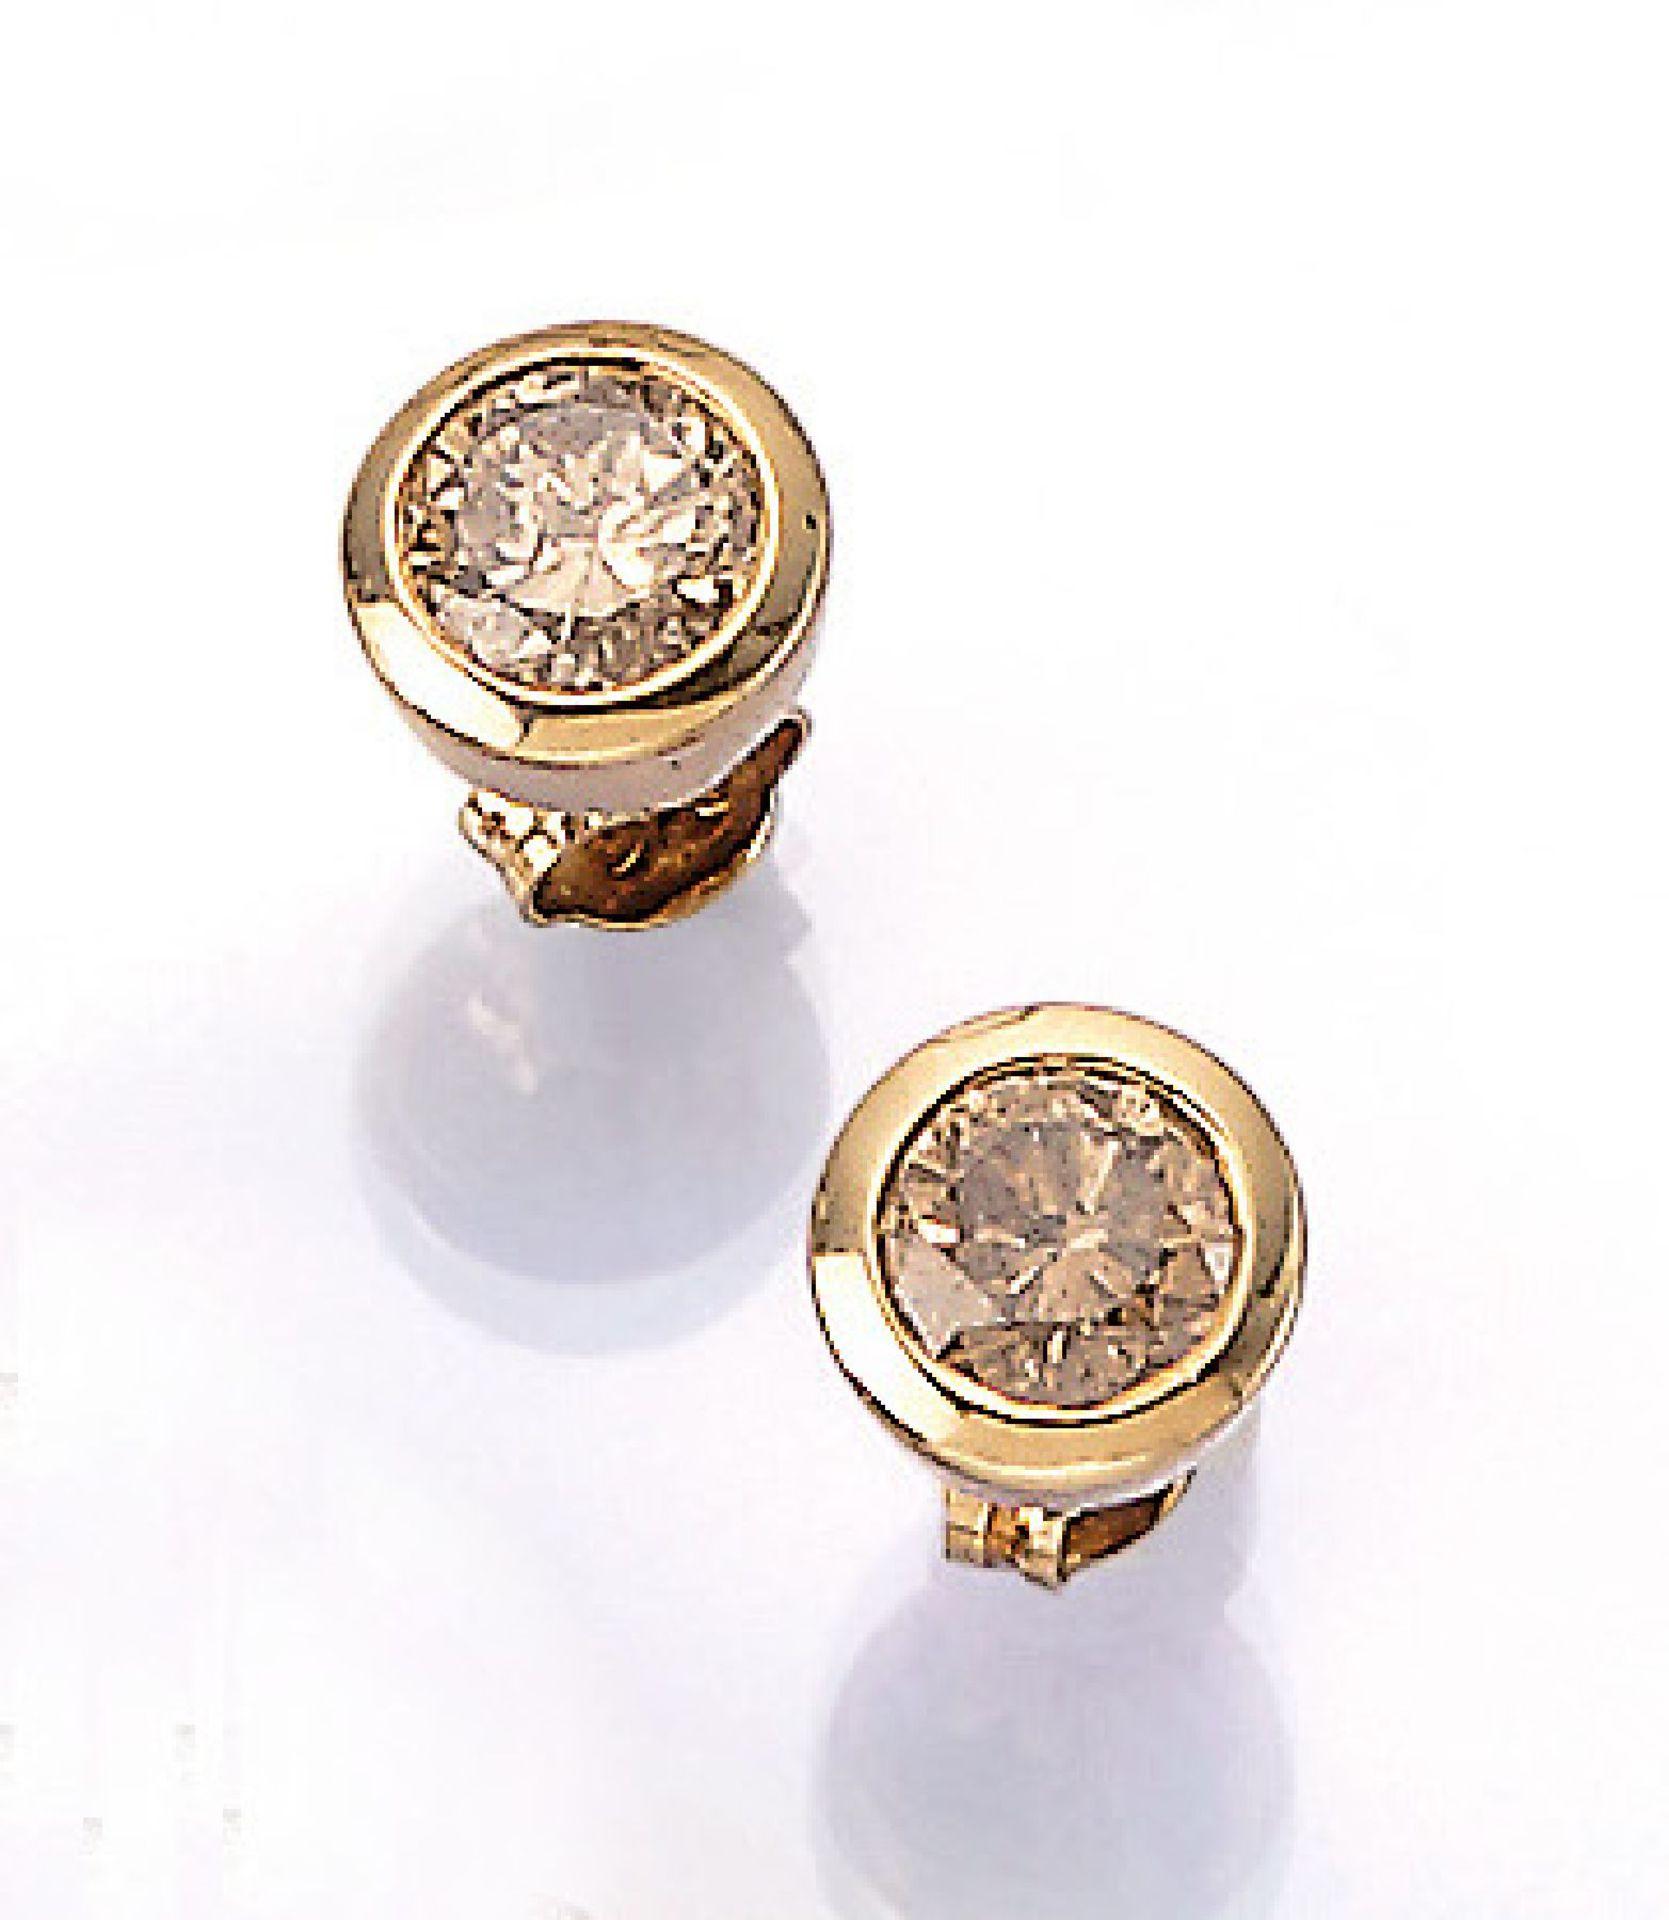 Los 31528 - Paar 18 kt Gold Ohrstecker mit Brillanten, GG 750/000, Brillanten zus. ca. 2.00 ct Braun/p, total